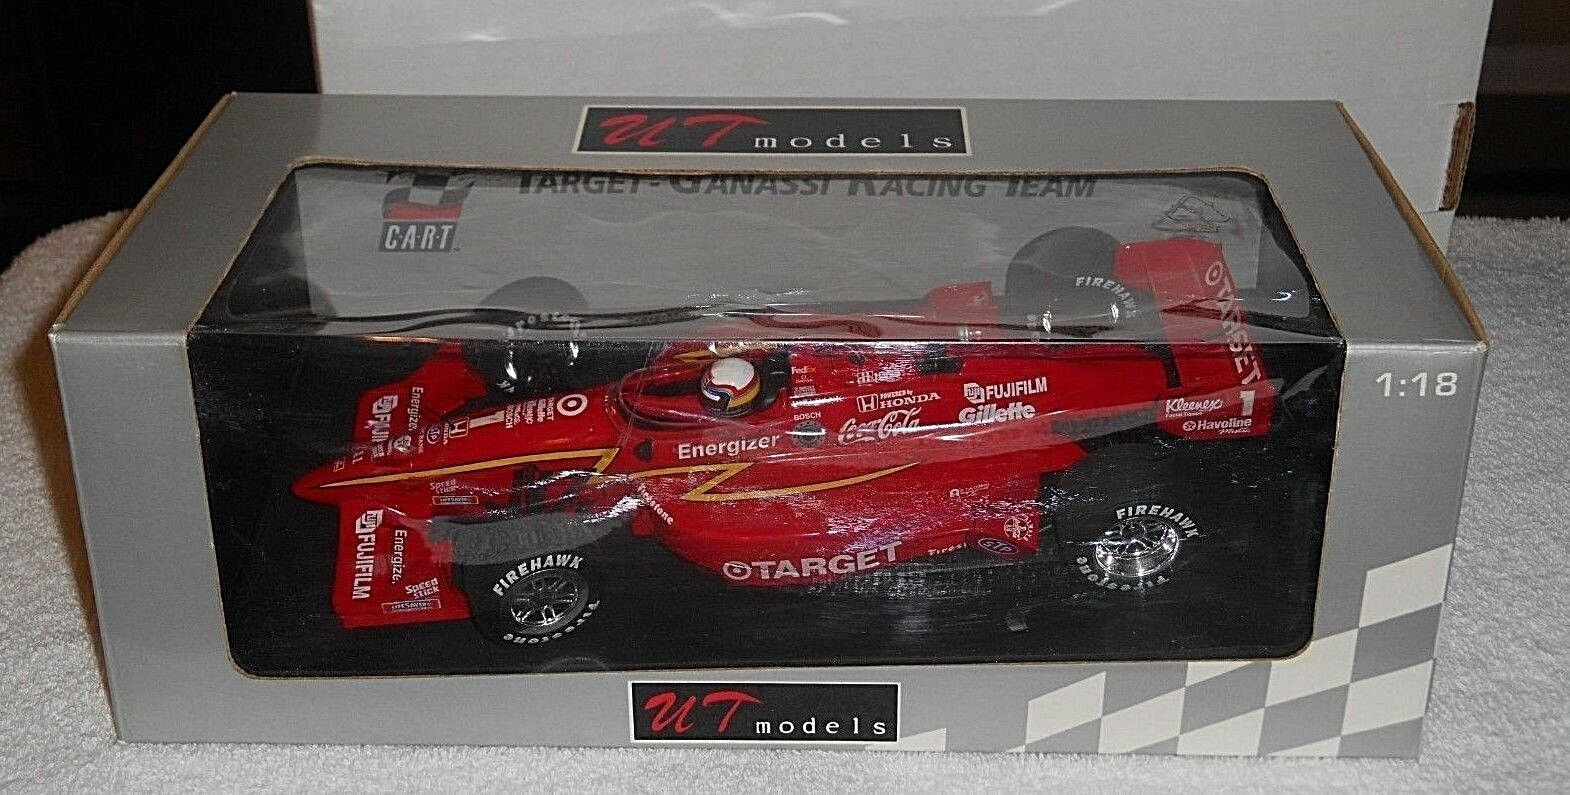 Für 1998 - modelle  ziel ganssi racing team  druckguss auto (18 punkte)